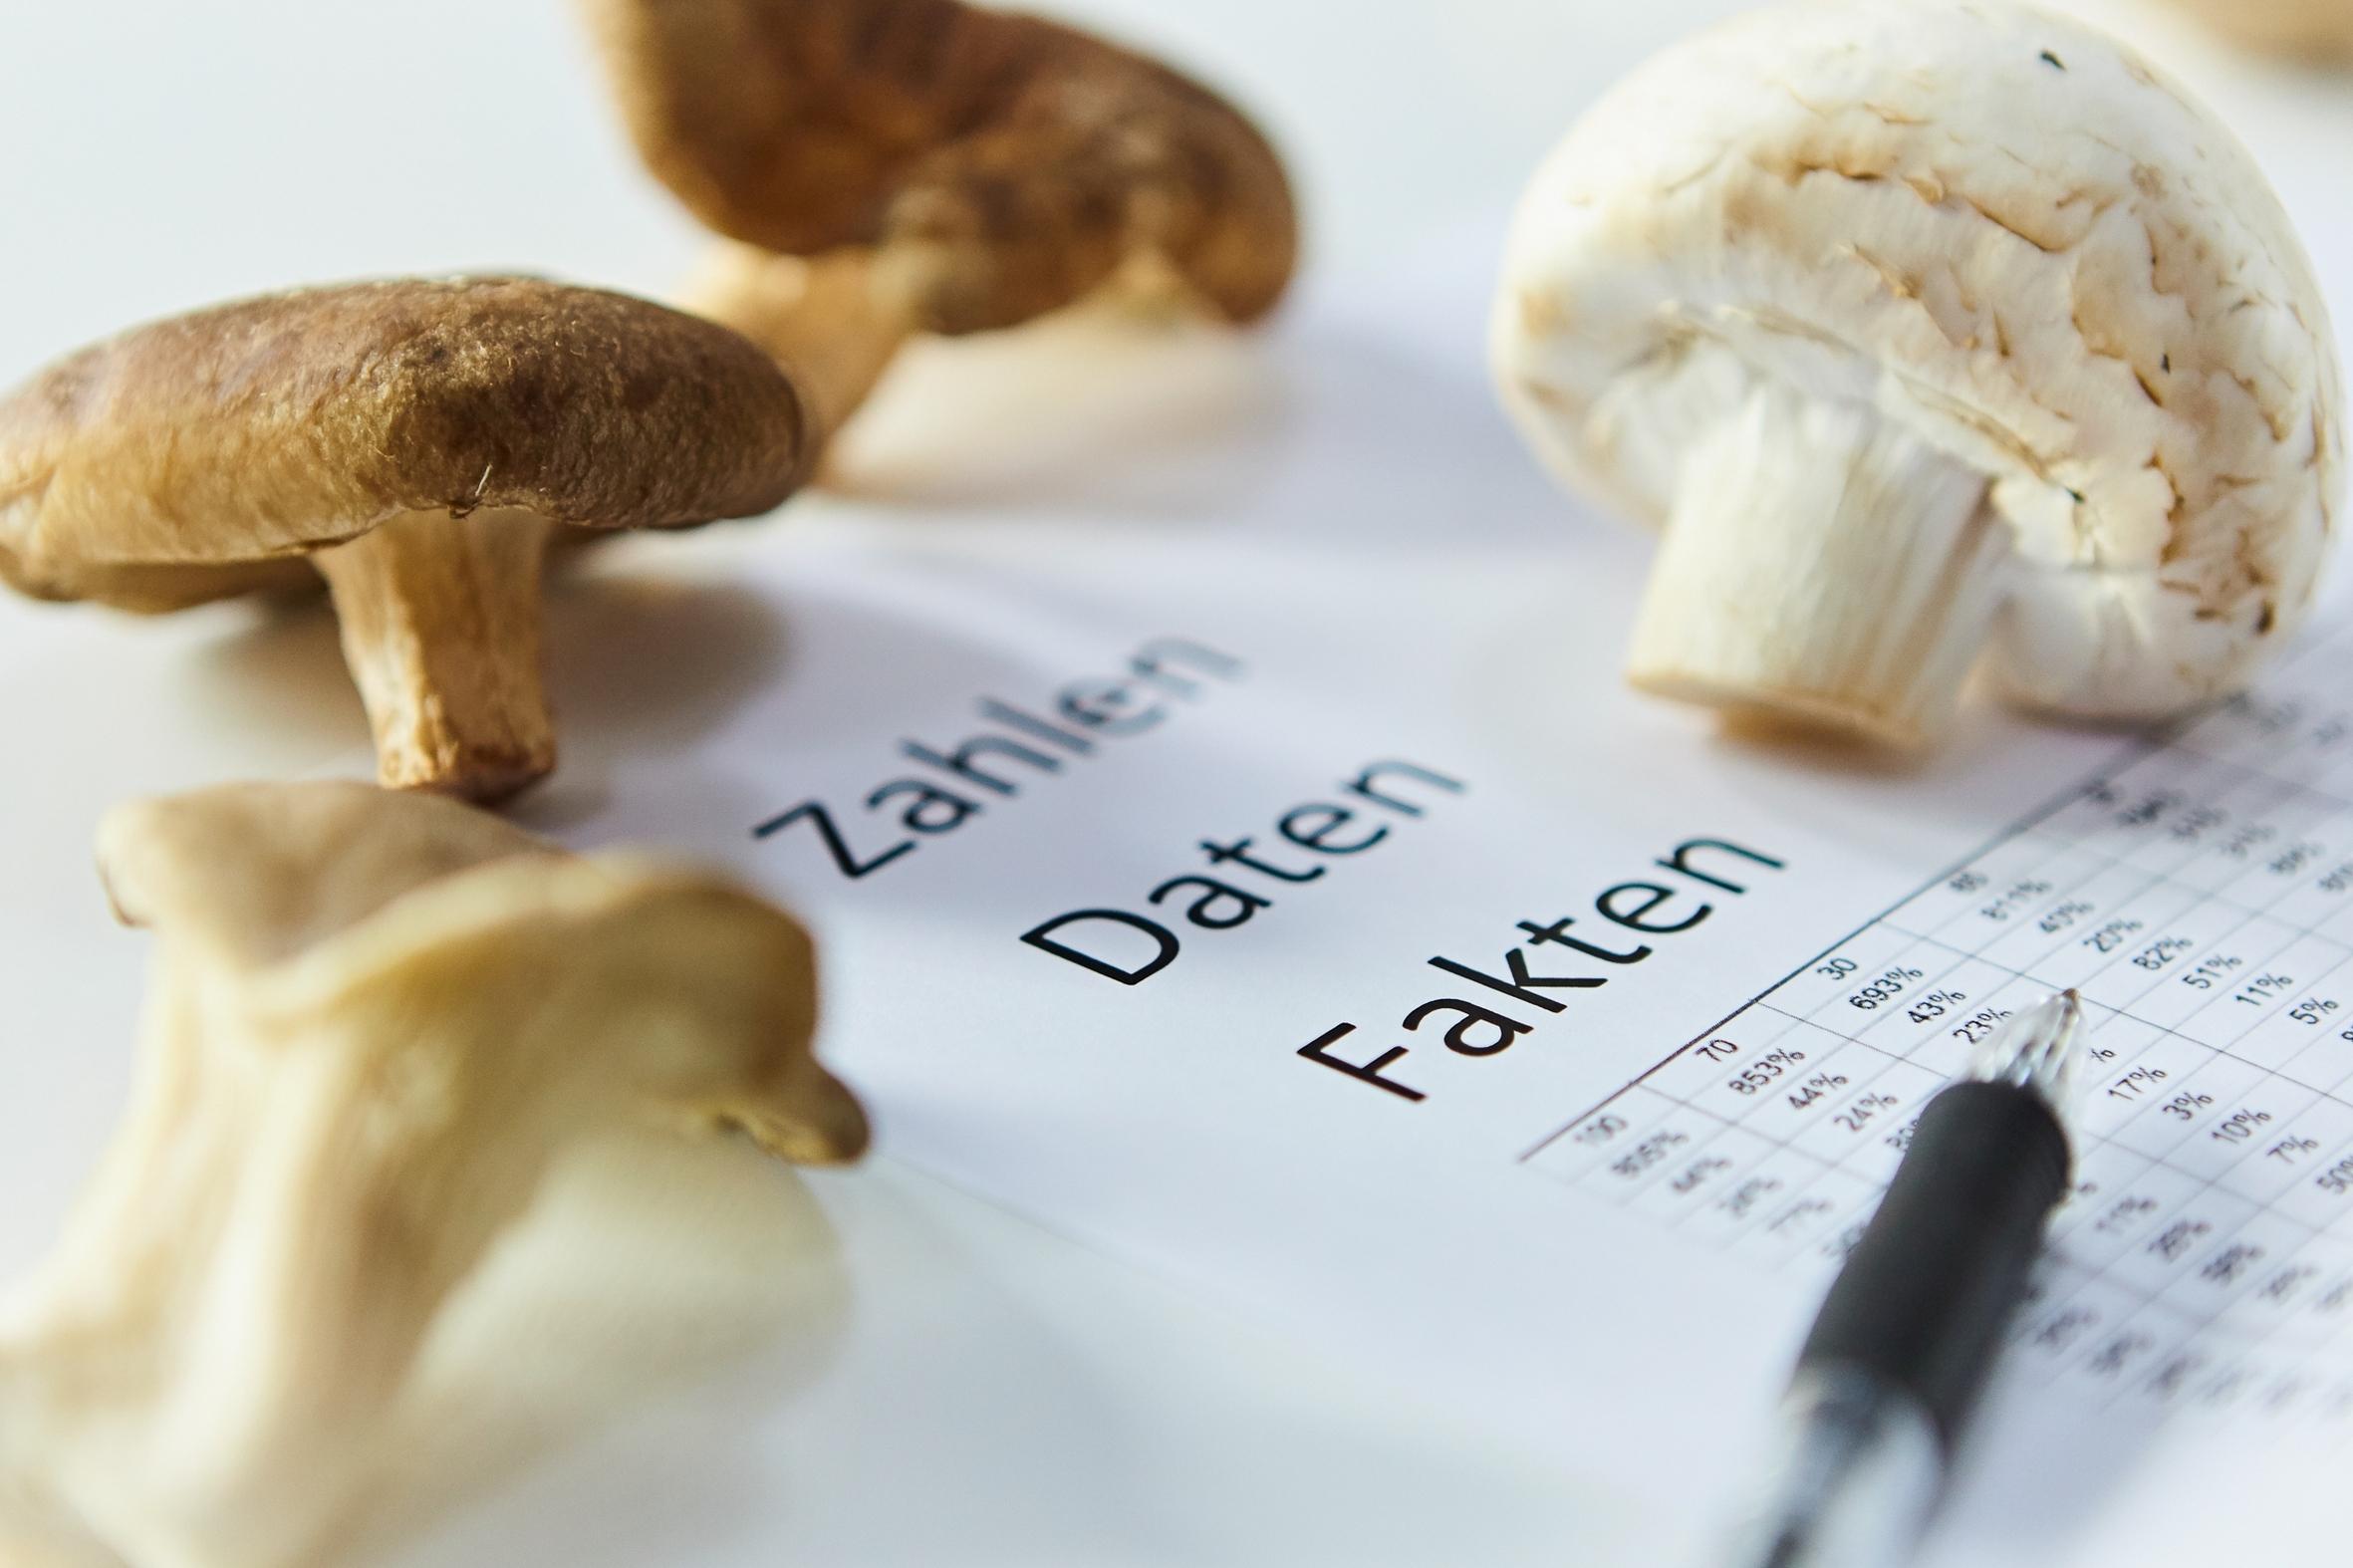 Pilze – gefragtes Lebensmittel nicht nur in Corona-Zeiten